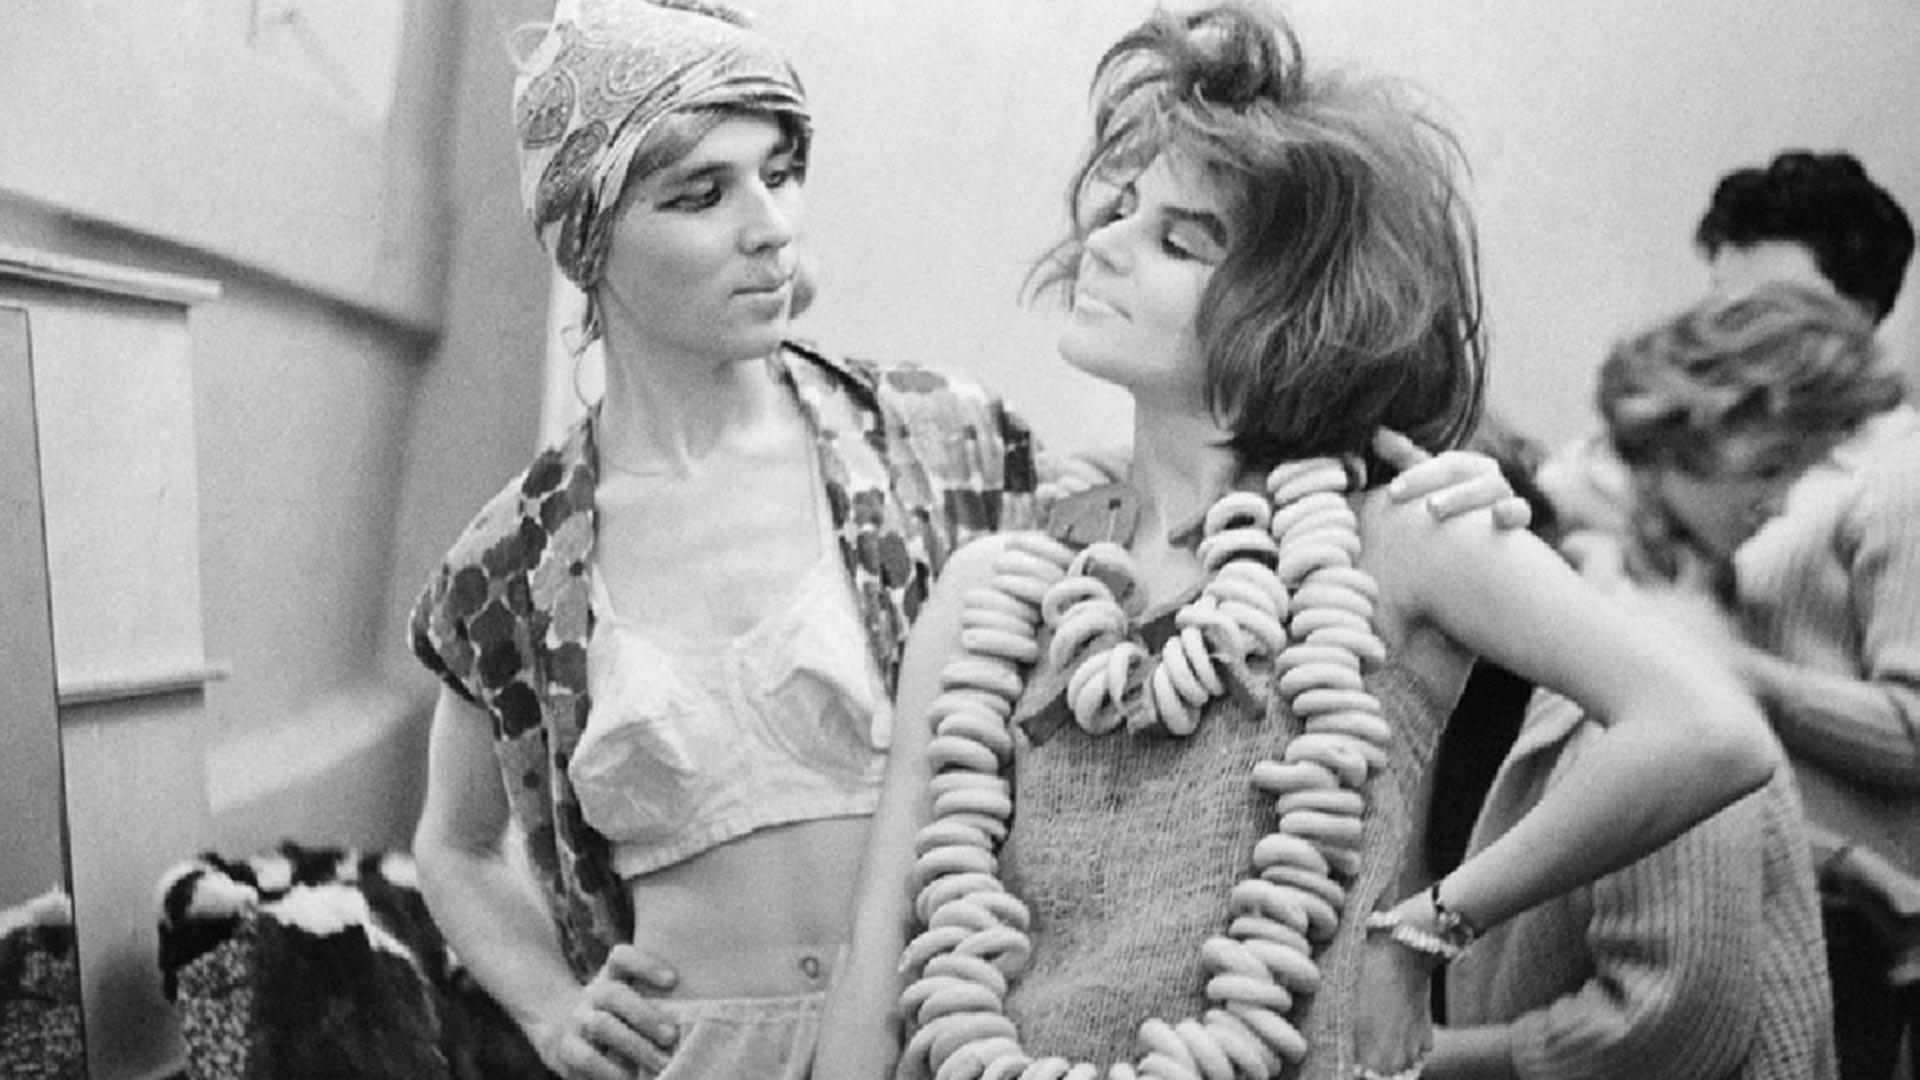 За кулисами модного показа модельера Вячеслава Зайцева, 1966